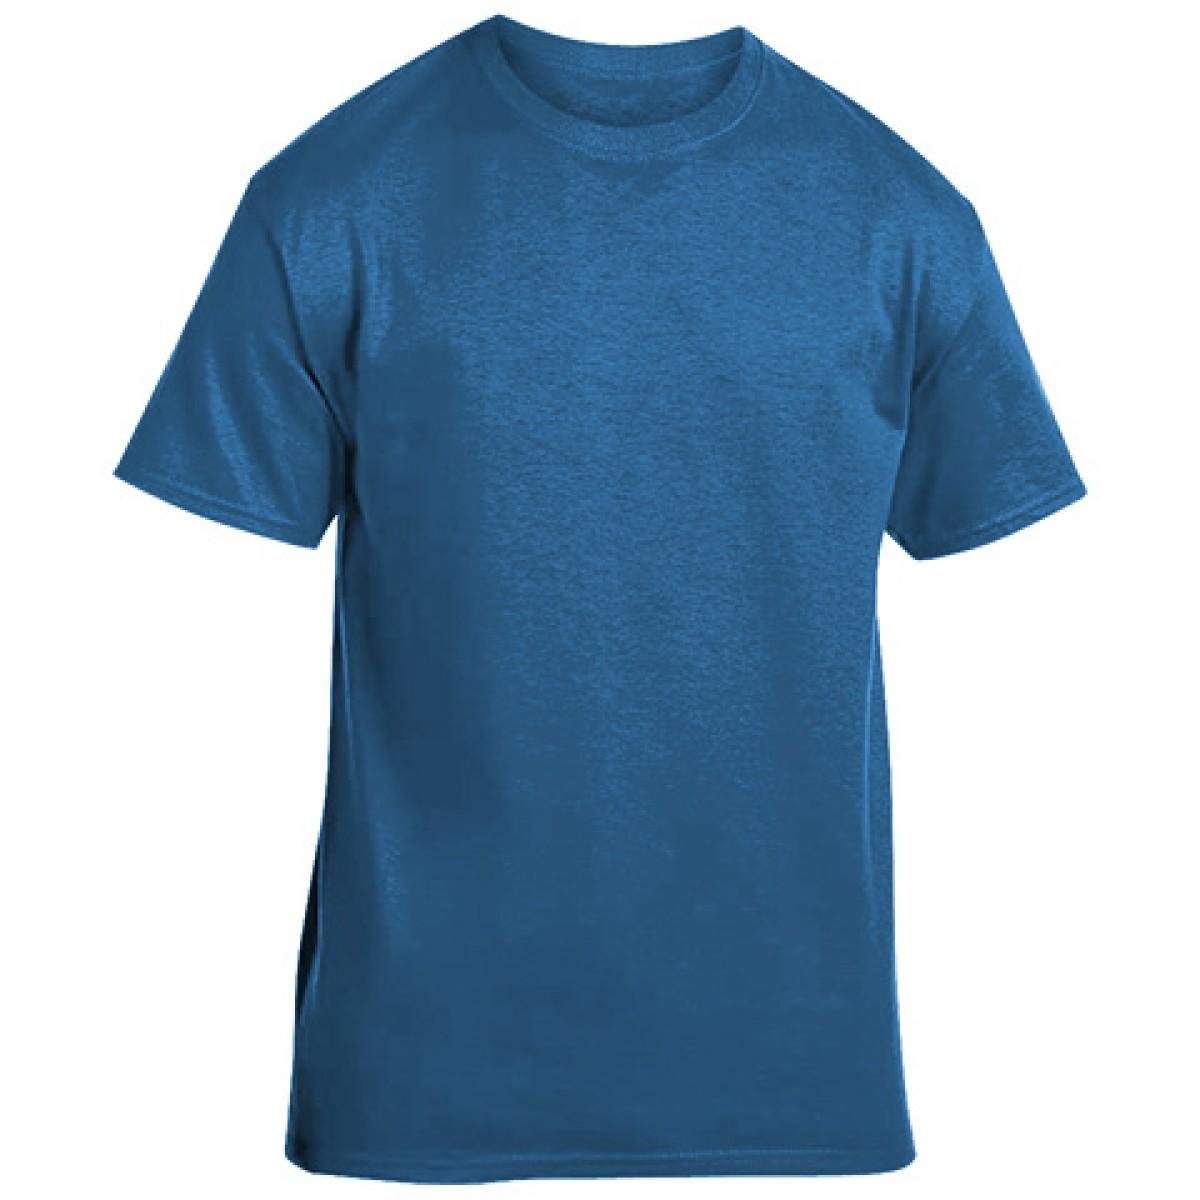 Soft 100% Cotton T-Shirt-Sapphire-2XL